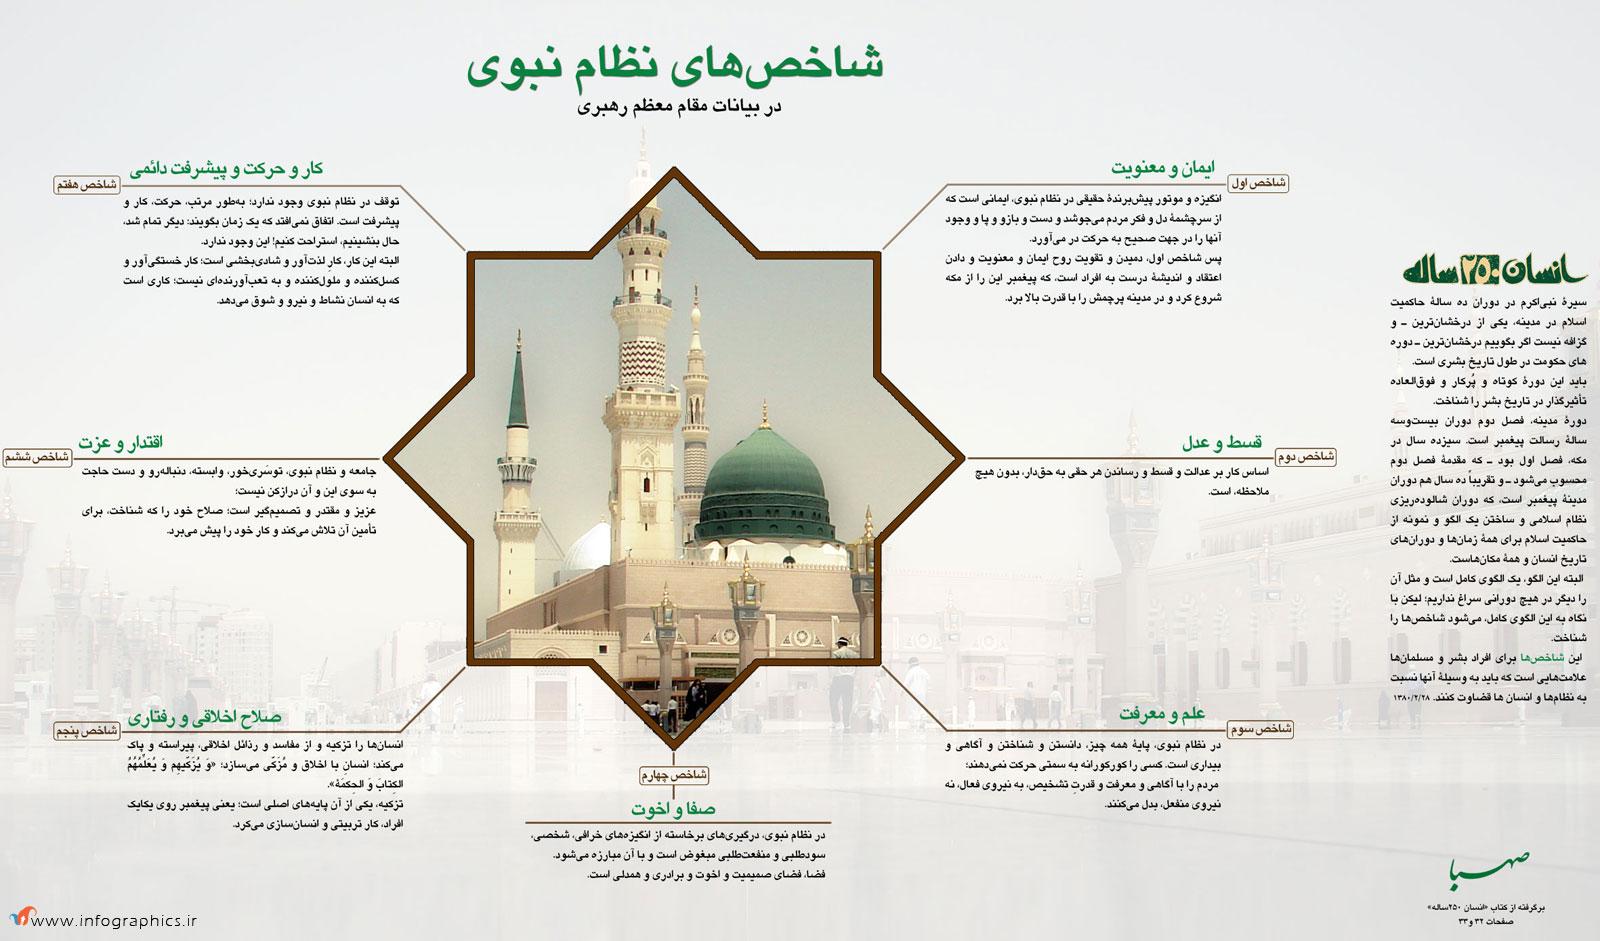 شاخص های نظام نبوی (به مناسبت عید سعید مبعث)